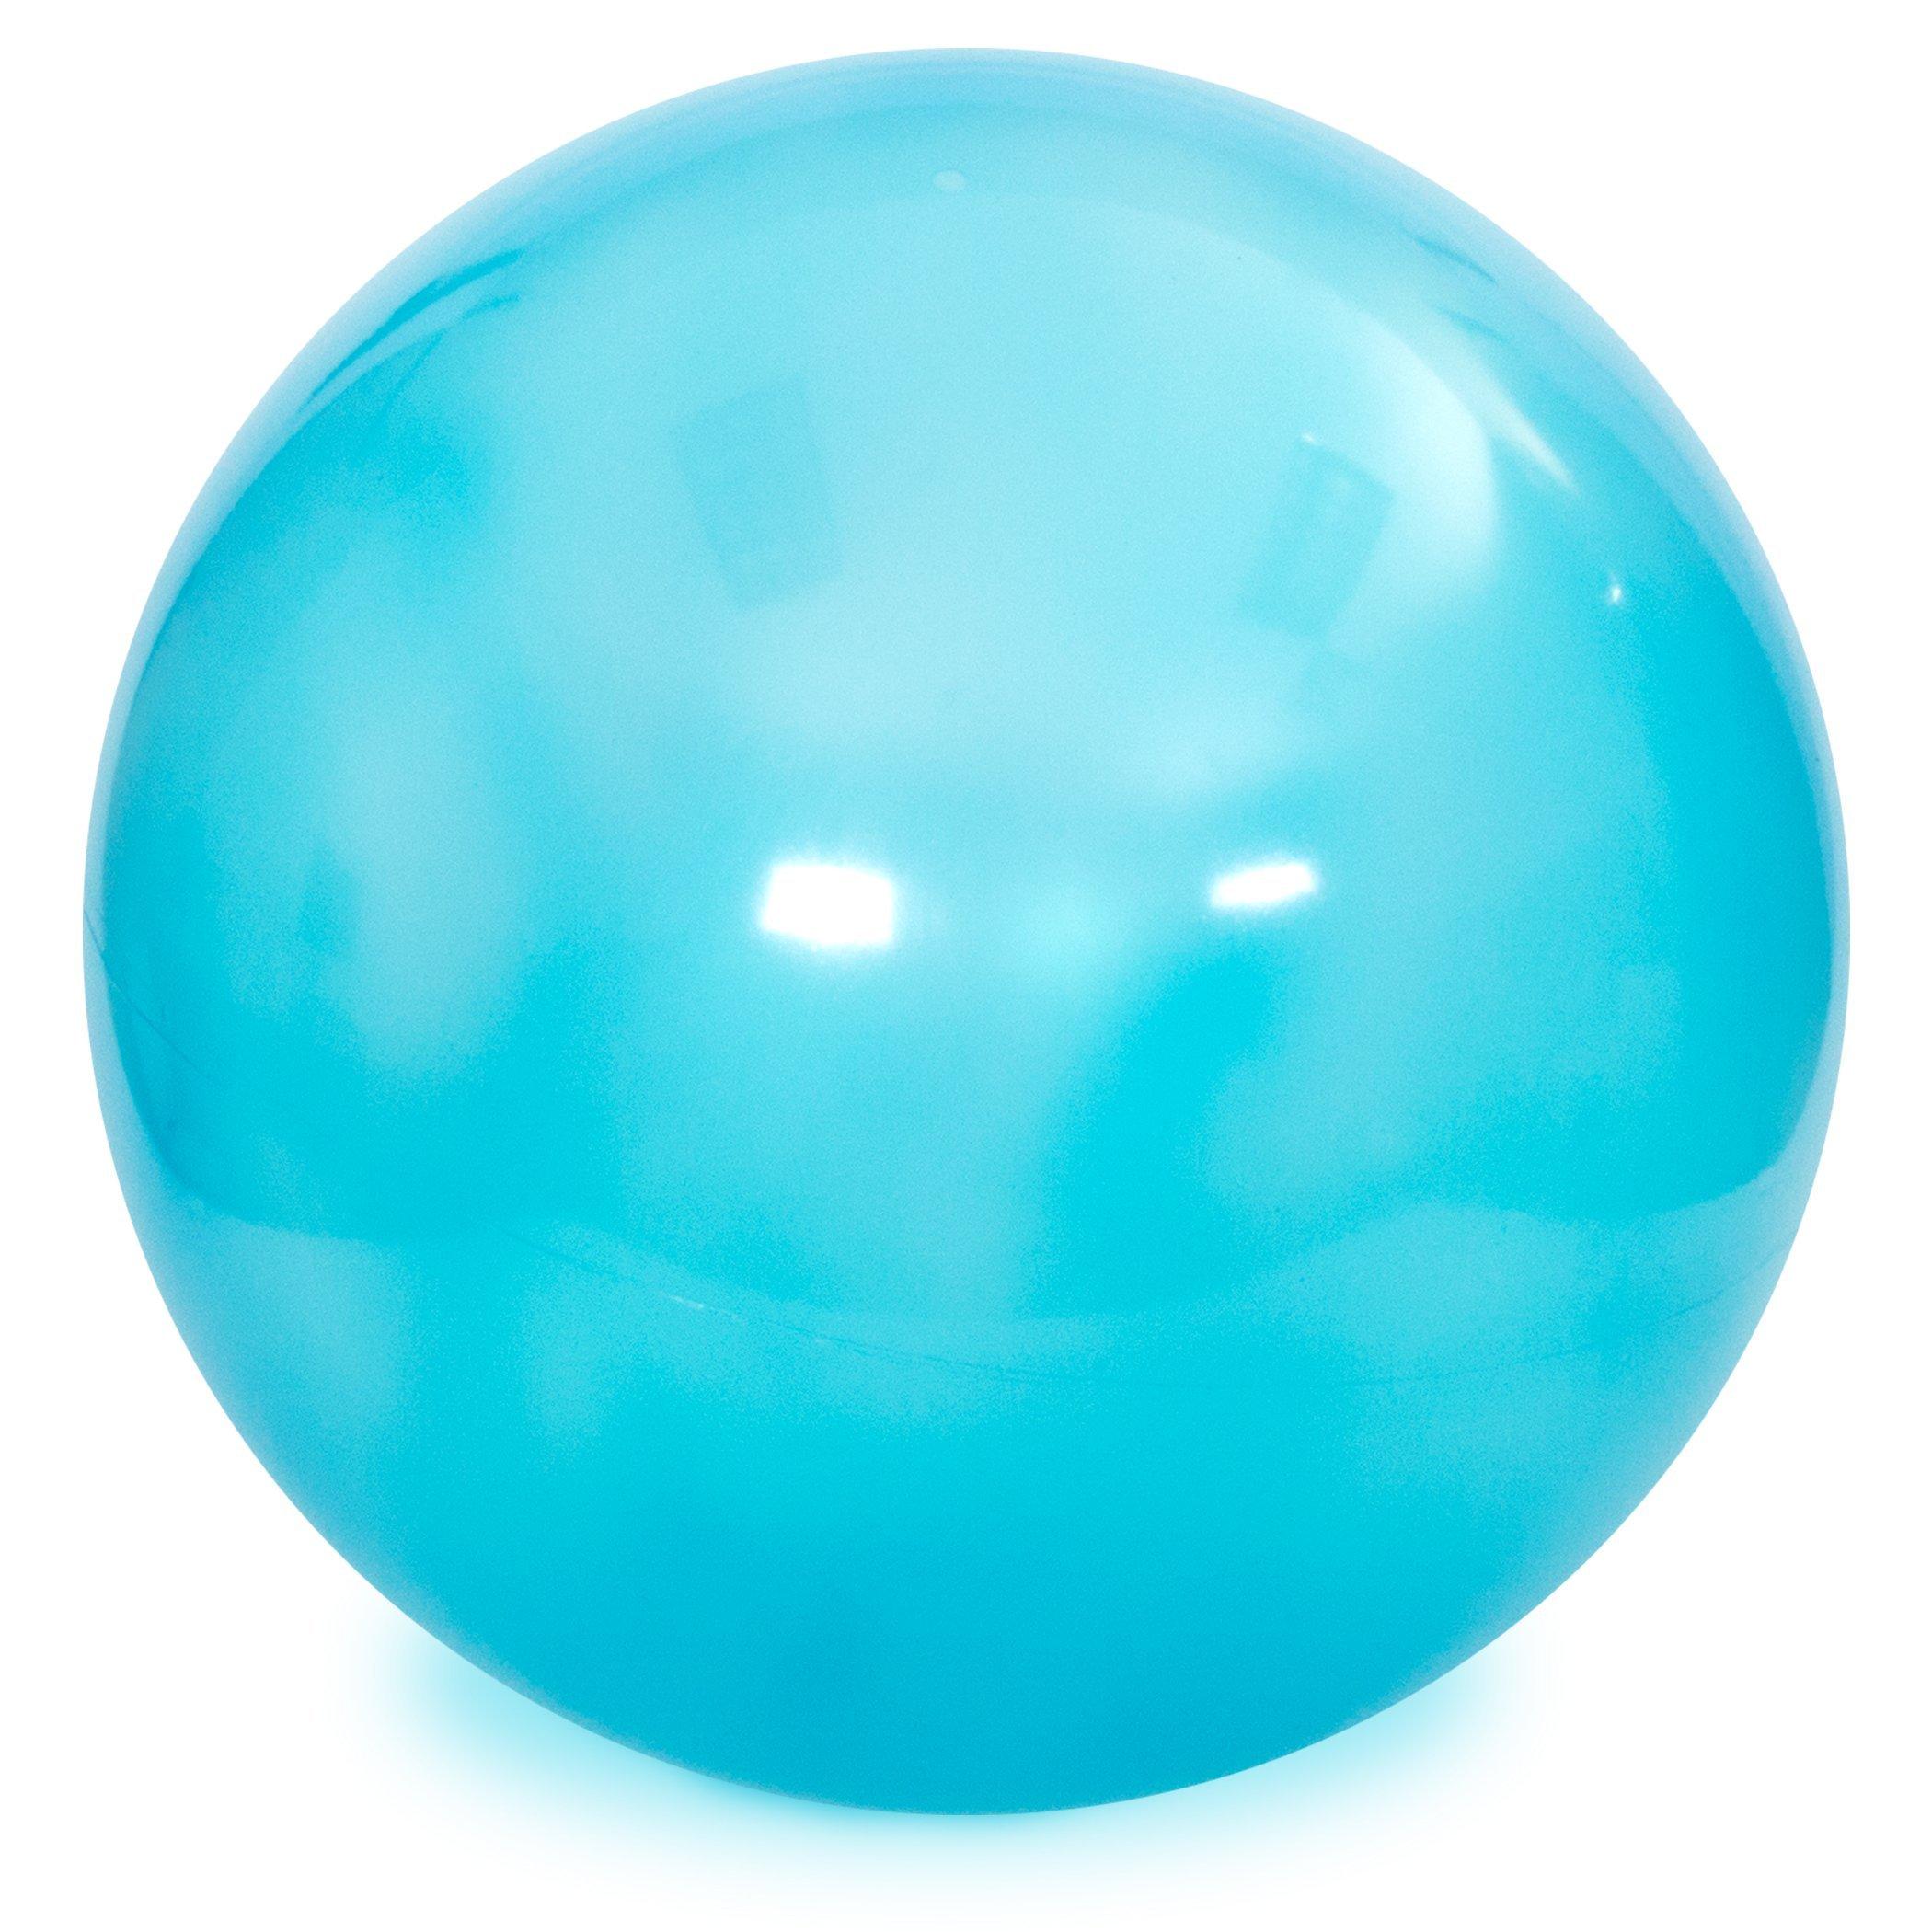 Hedstrom Duraball Play Ball, Blue, 20''